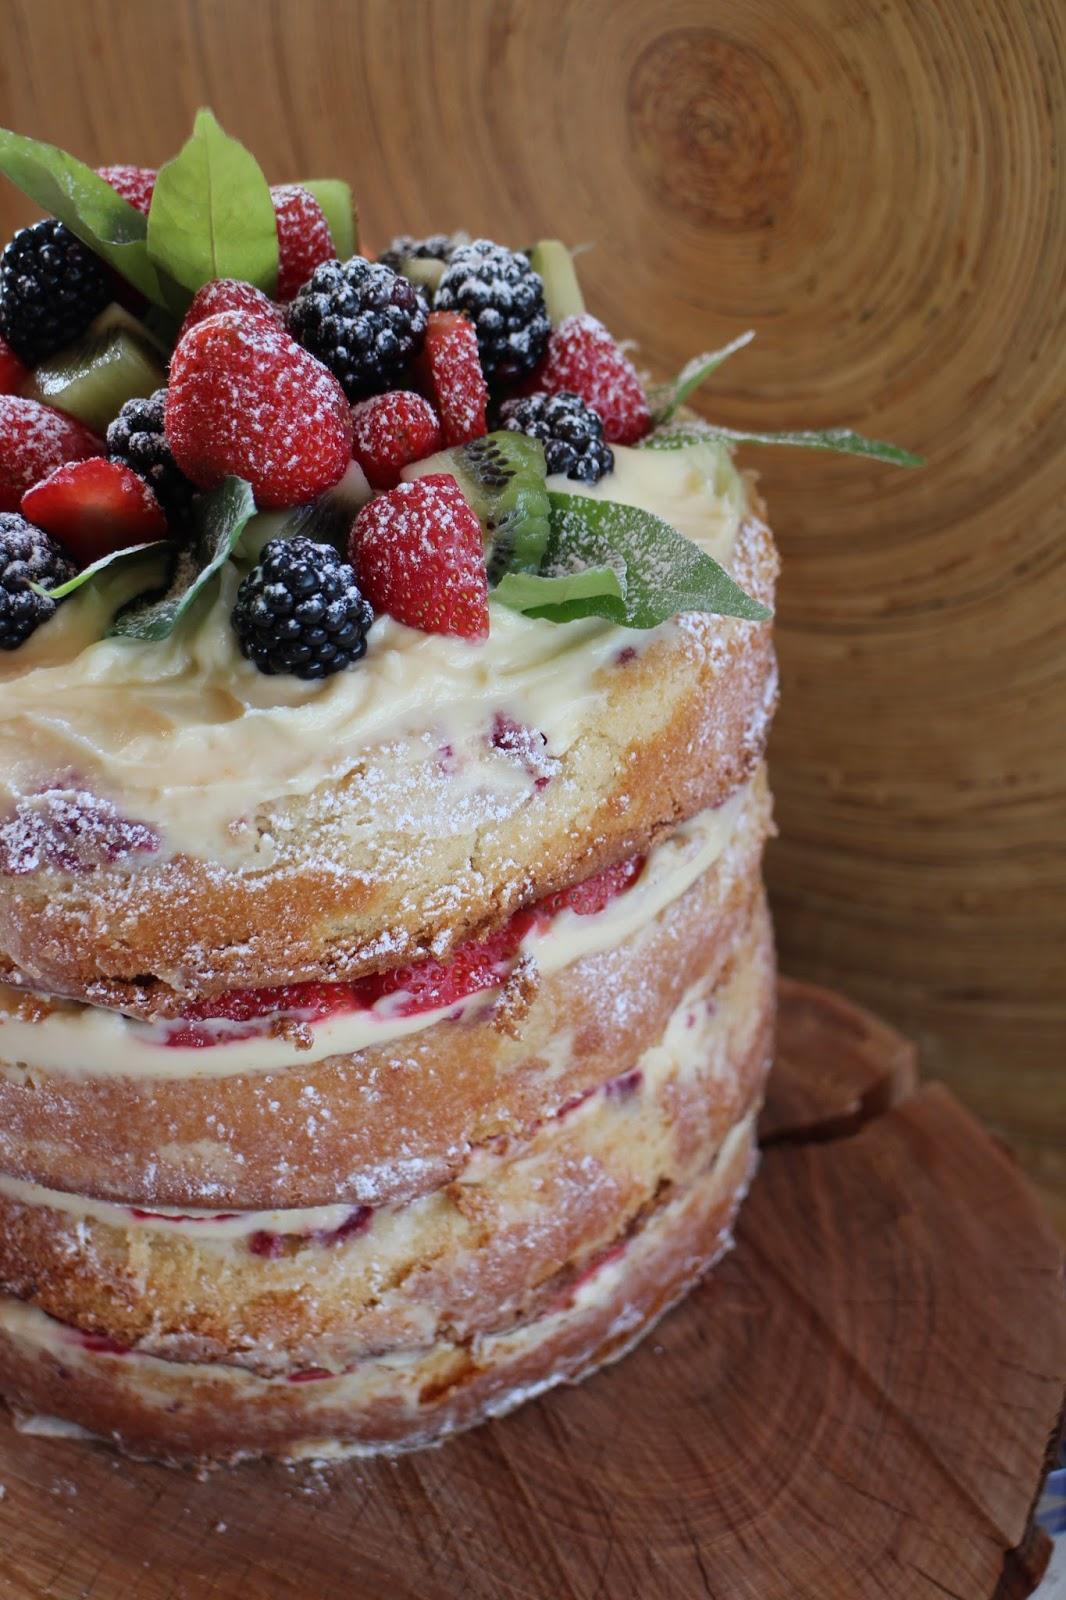 naked-cake-de-vainilla-y-frambuesa, vanilla-raspberry-naked-cake